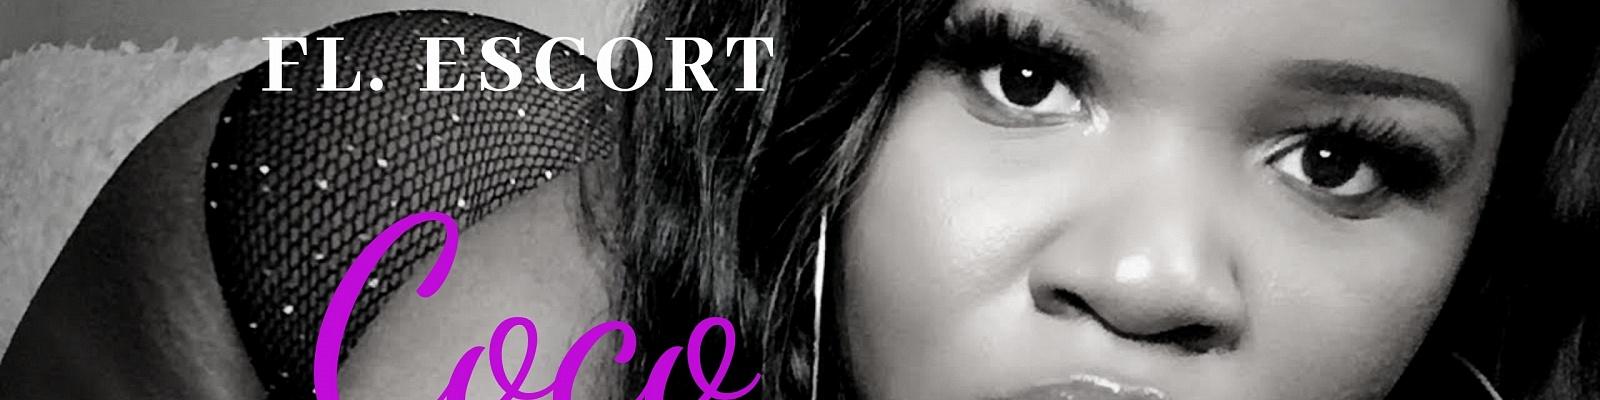 Coco XOXO's Cover Photo